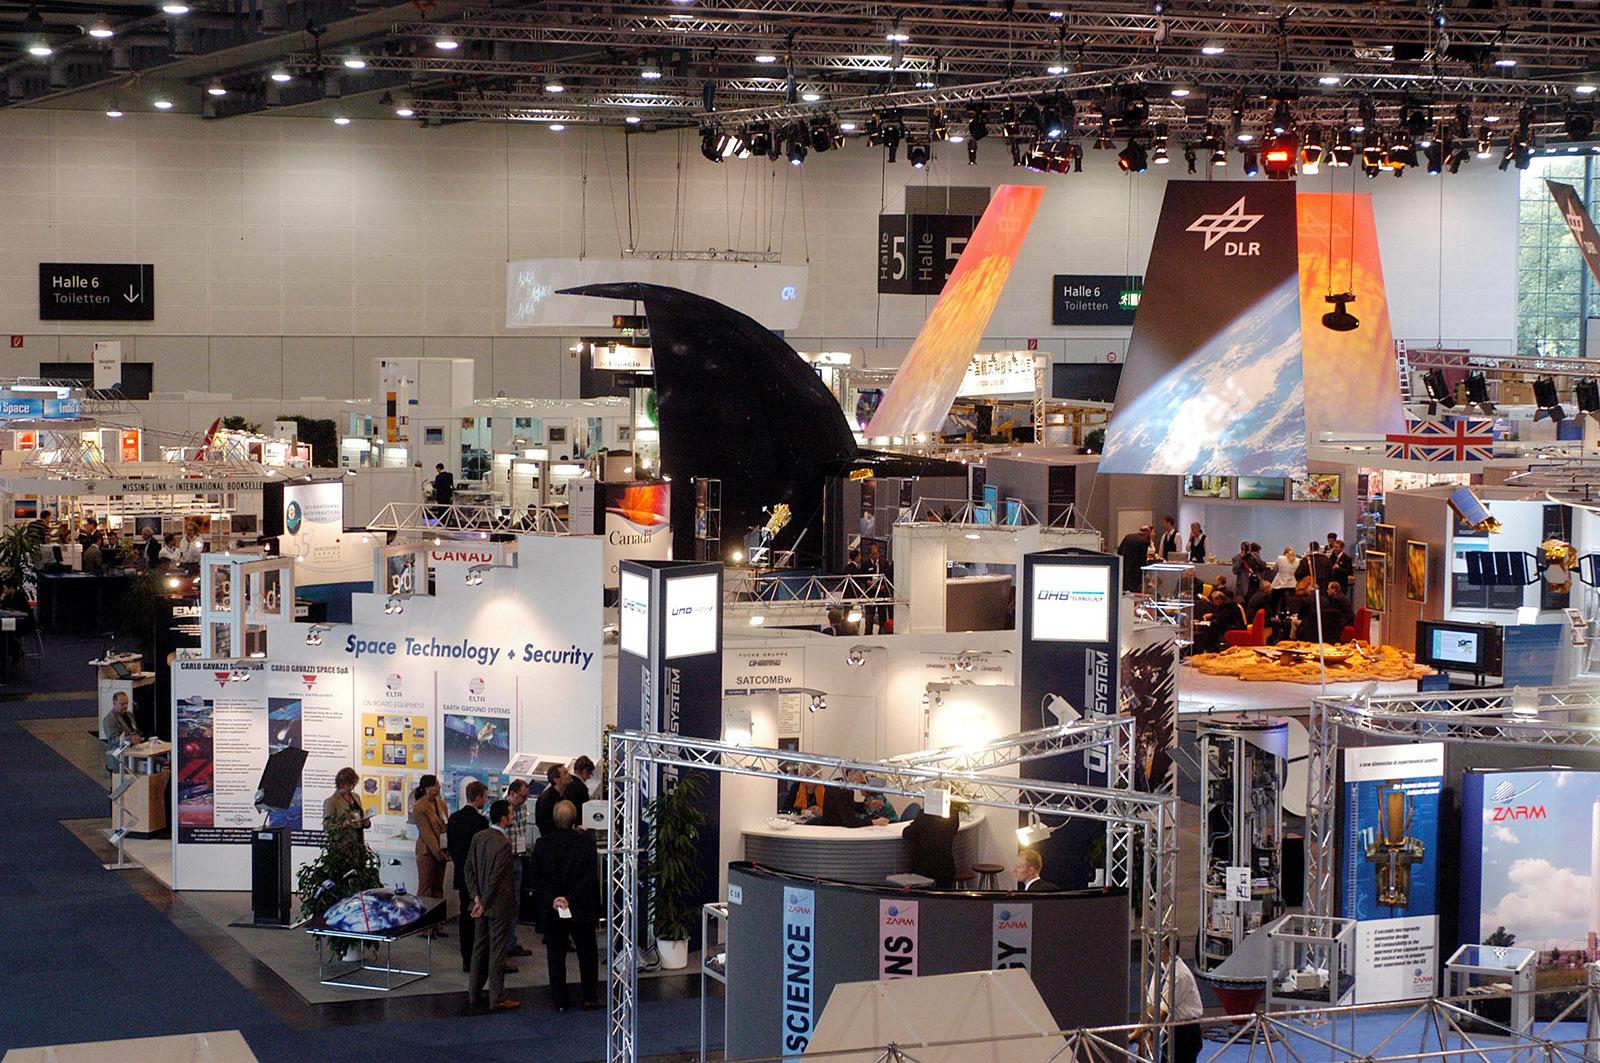 Expo Exhibition Stands Jojo : Größter raumfahrtkongress der welt in bremen heise online